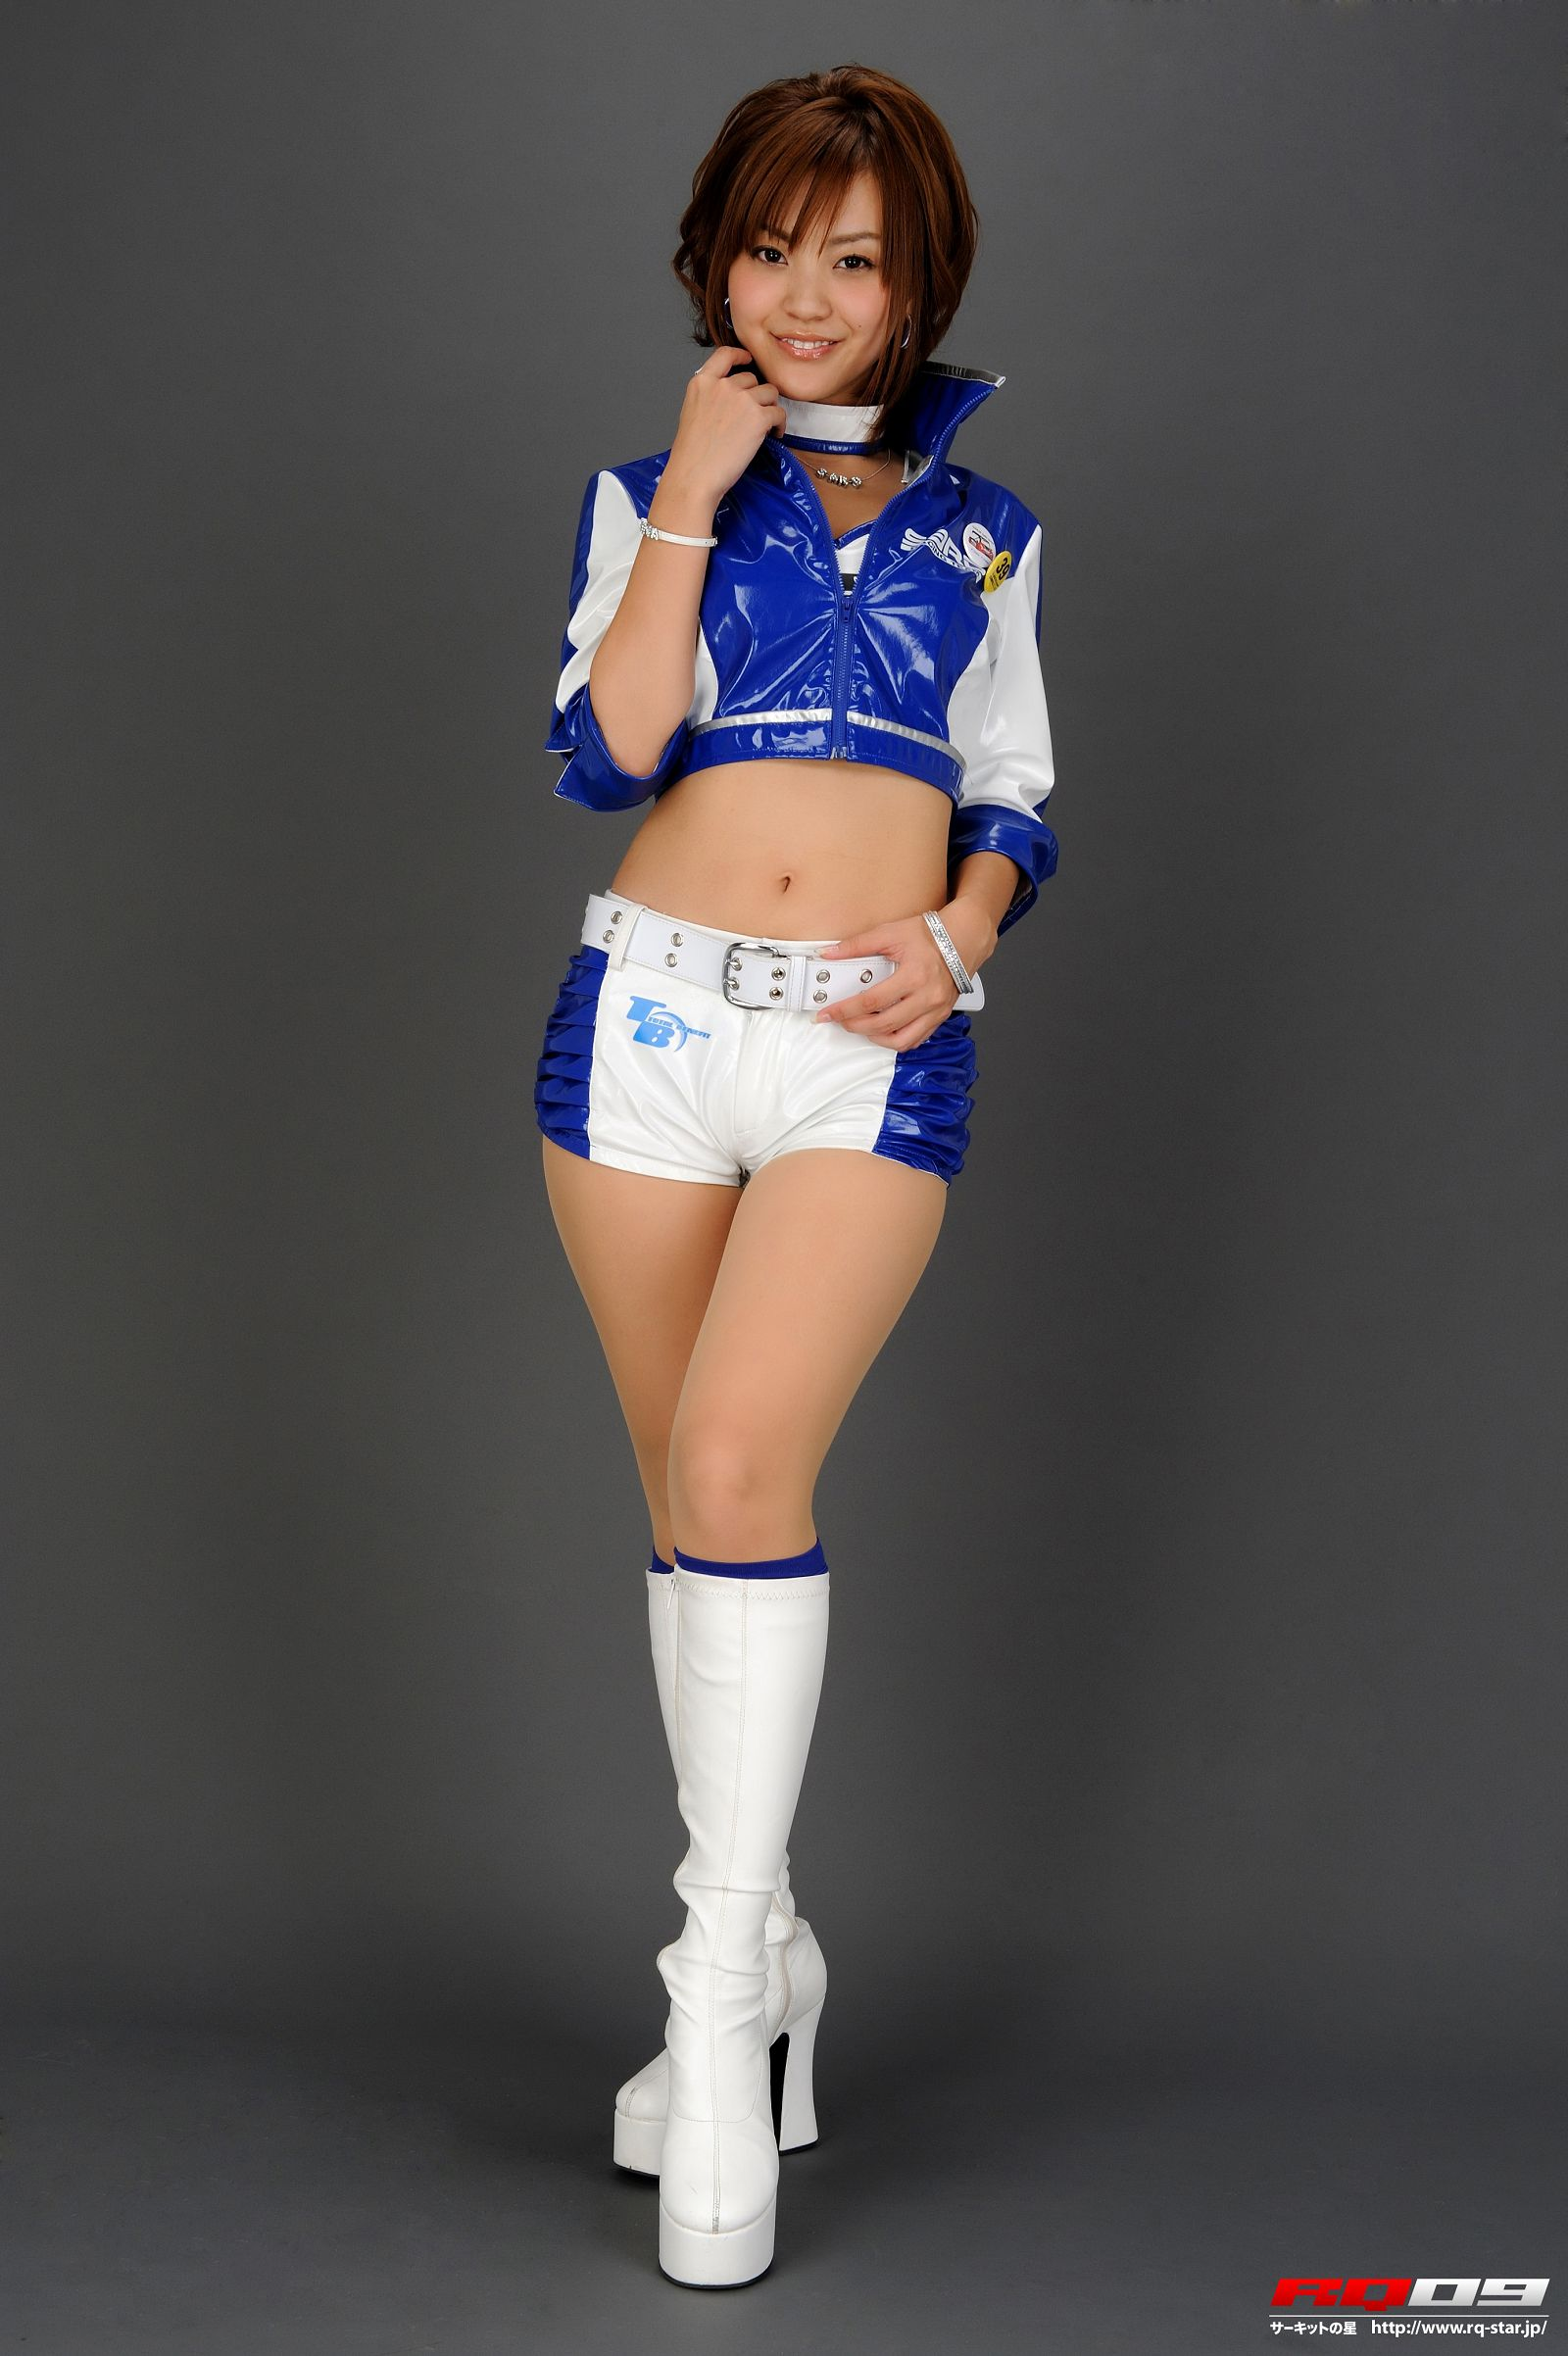 [RQ-STAR美女] NO.0231 Mina Momohara 桃原美奈 Race Queen0